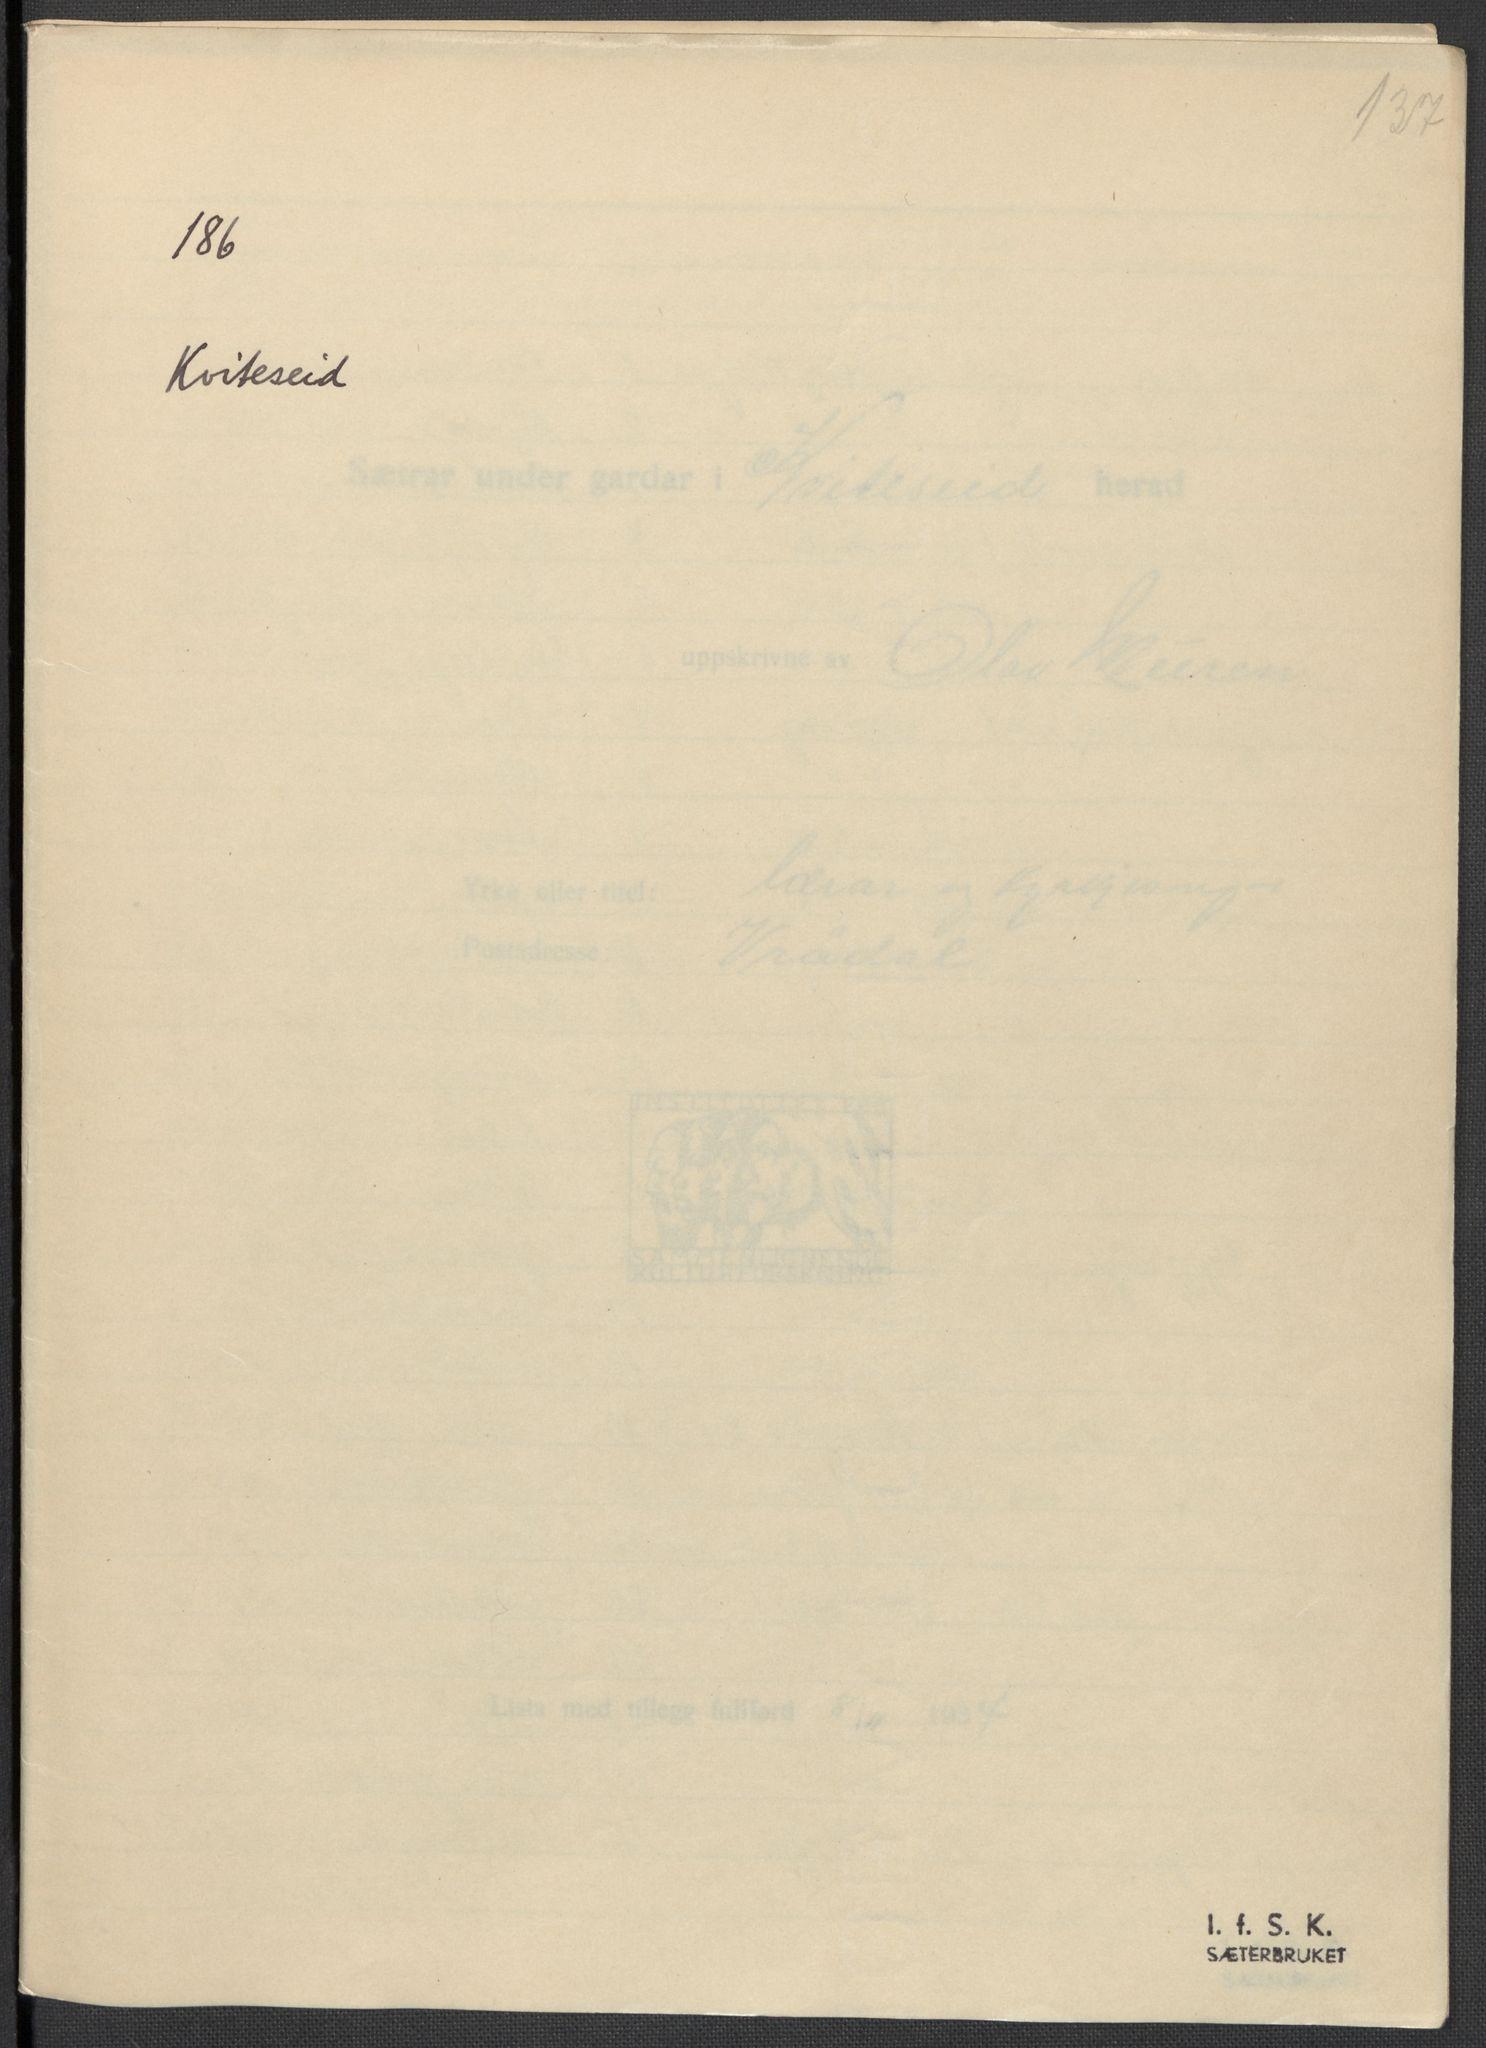 RA, Instituttet for sammenlignende kulturforskning, F/Fc/L0007: Eske B7:, 1934-1937, s. 137